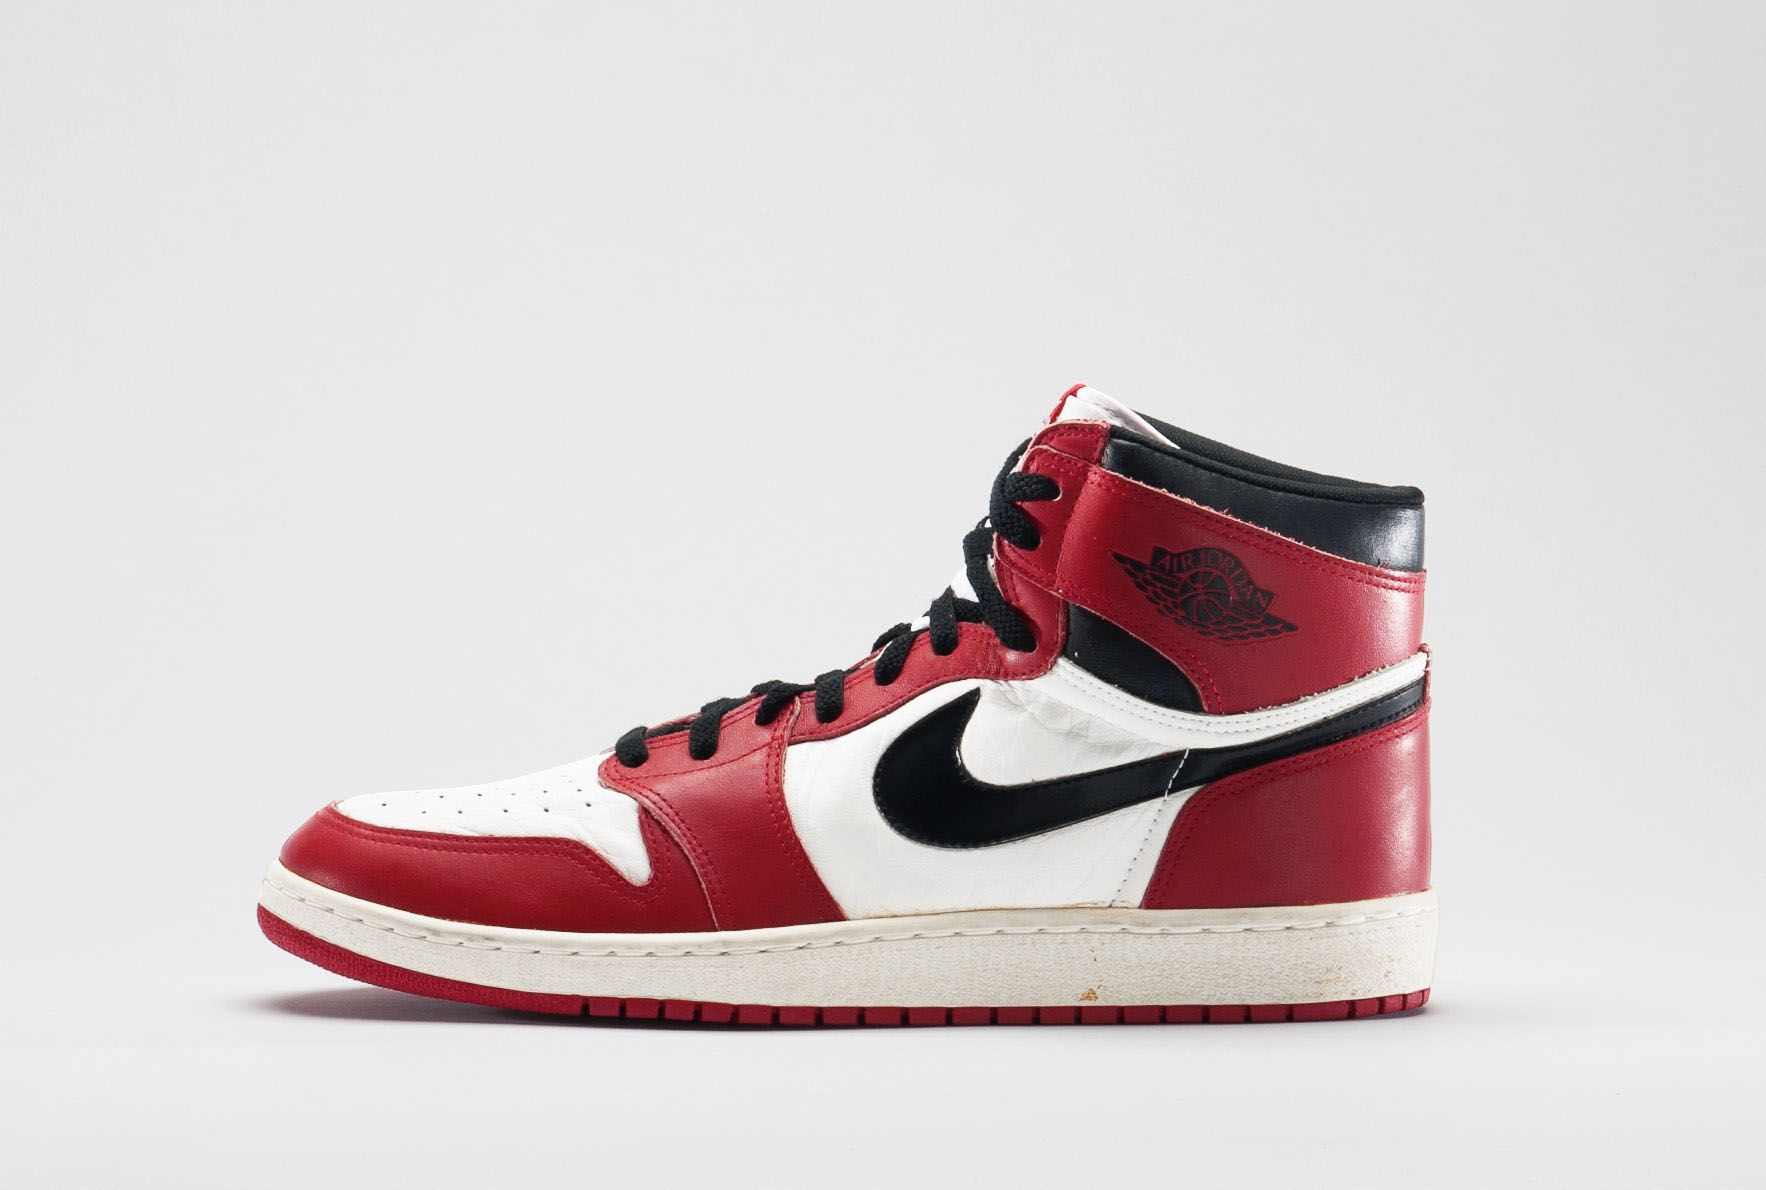 63c41725f48c Meet Sneakerhead Culture s Favorite Repair Man